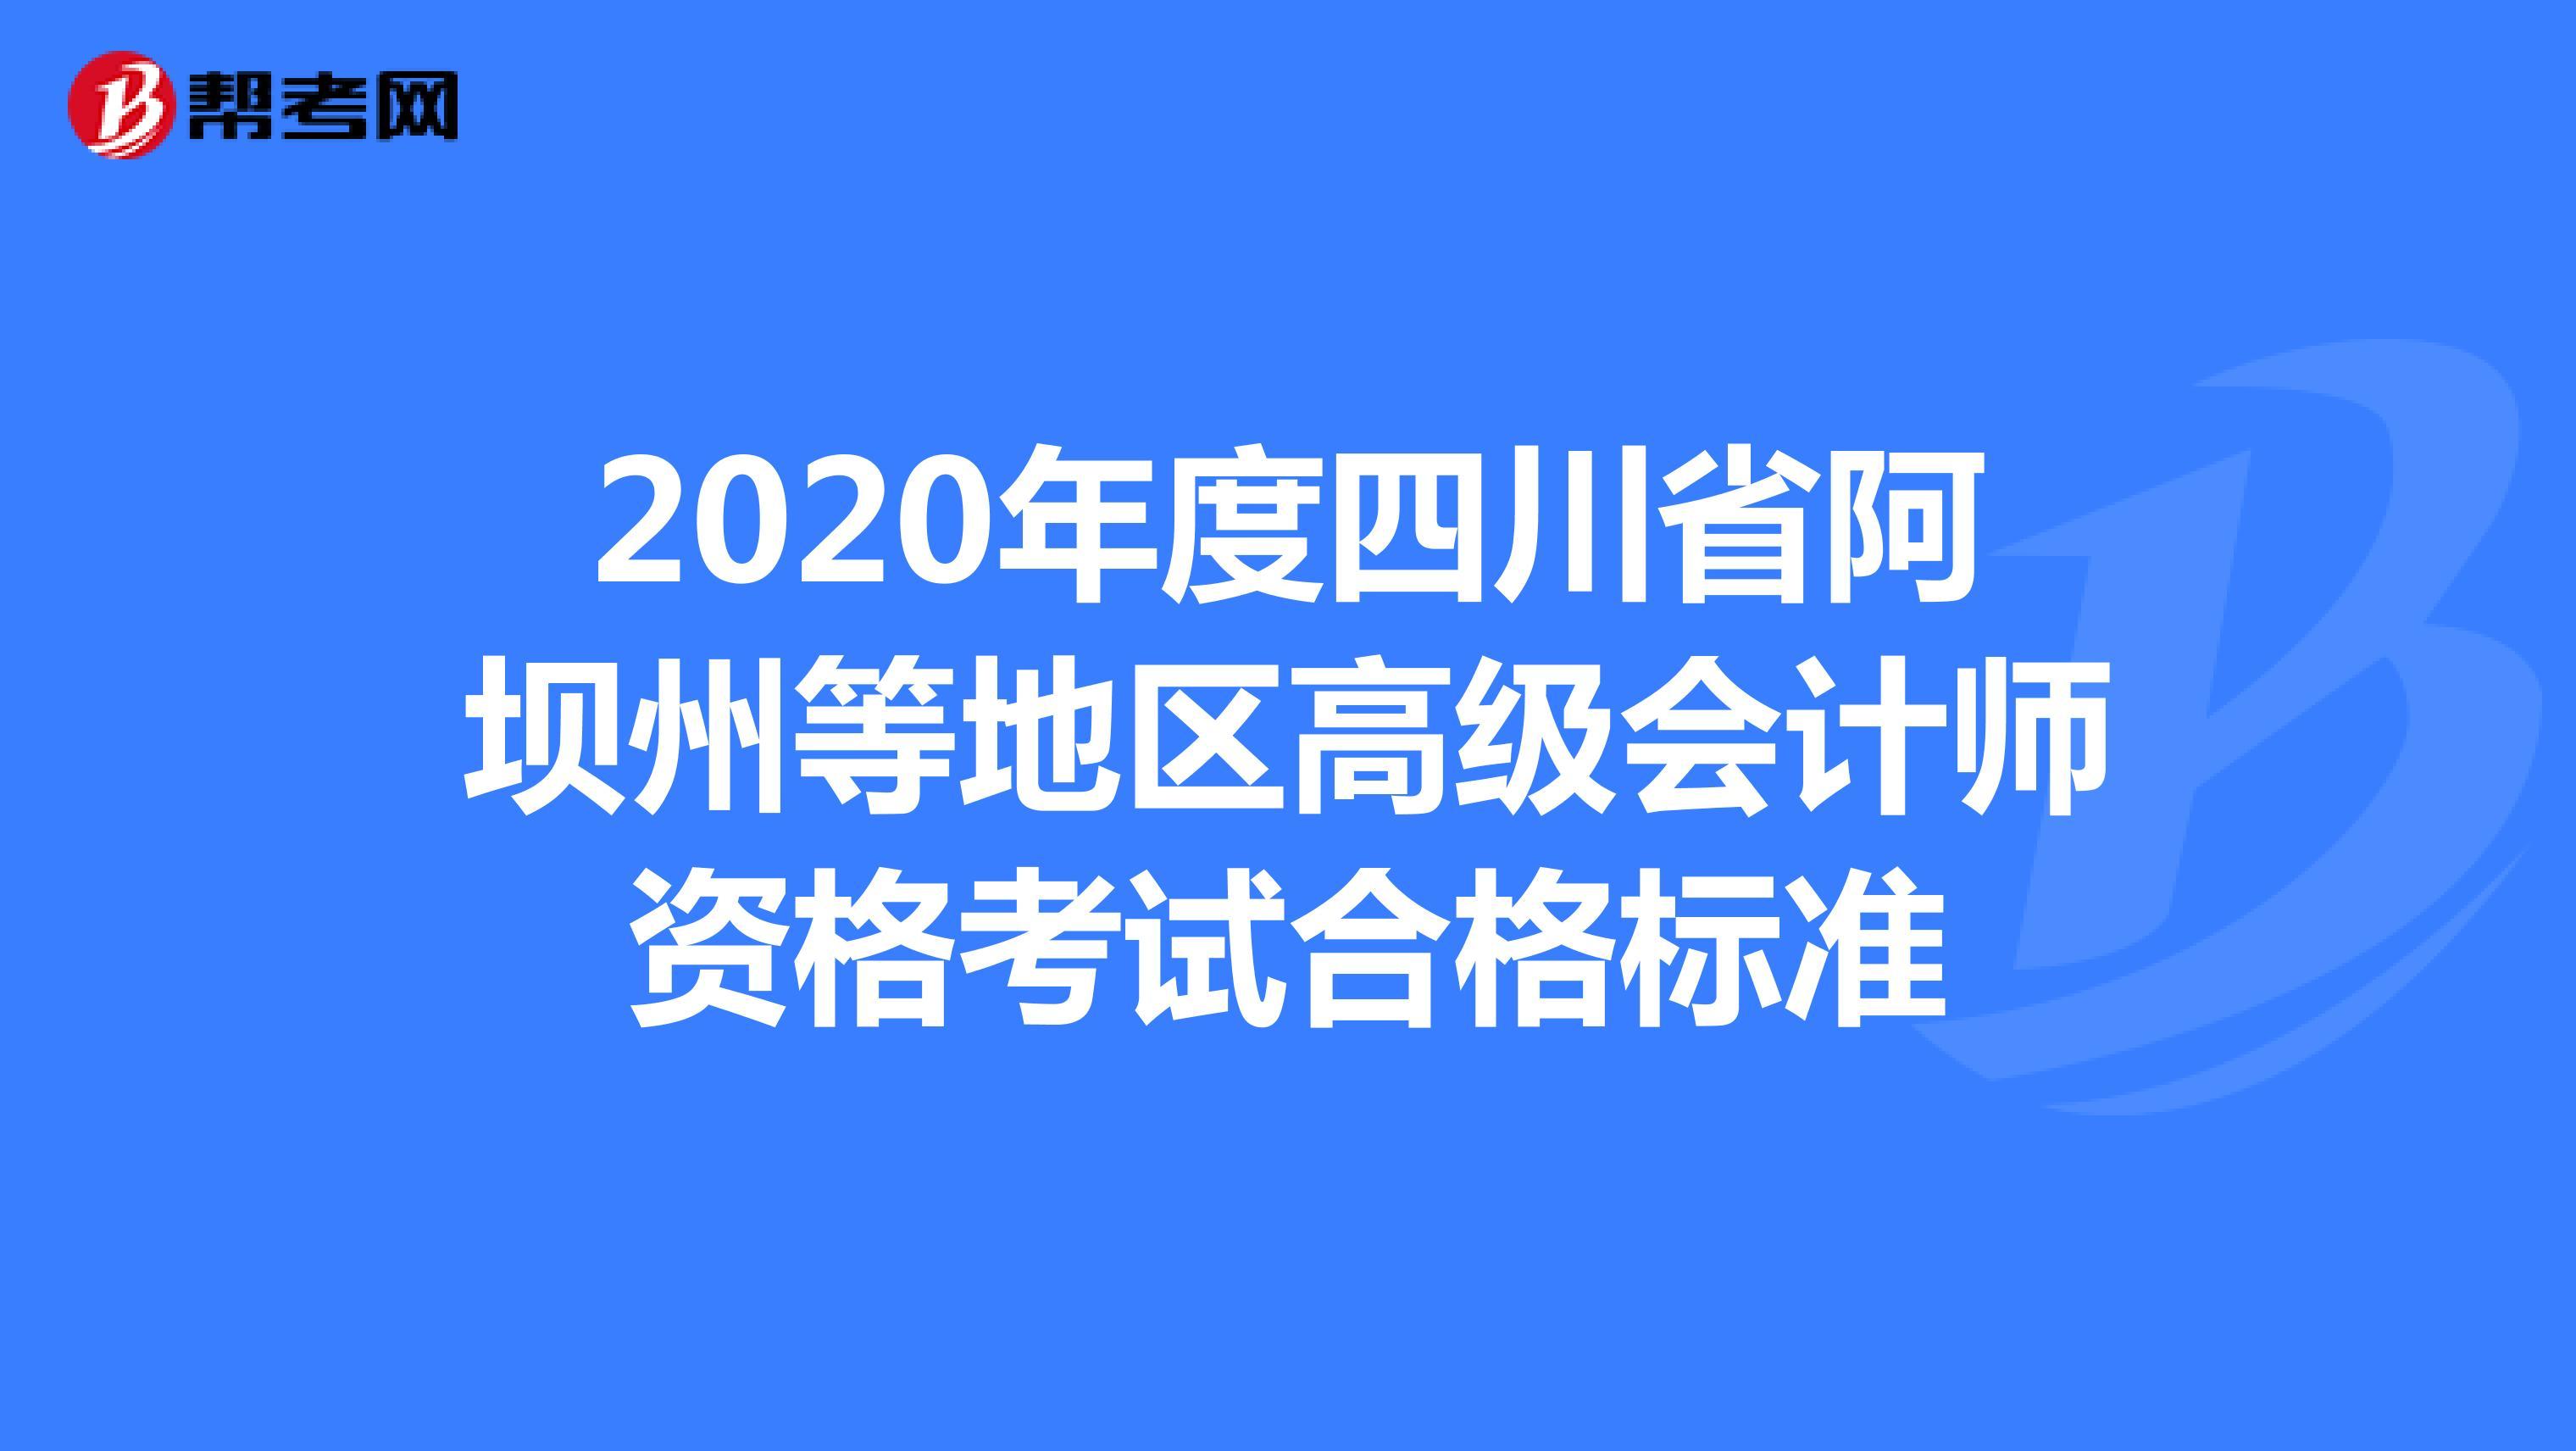 2020年度四川省阿坝州等地区高级会计师资格考试合格标准